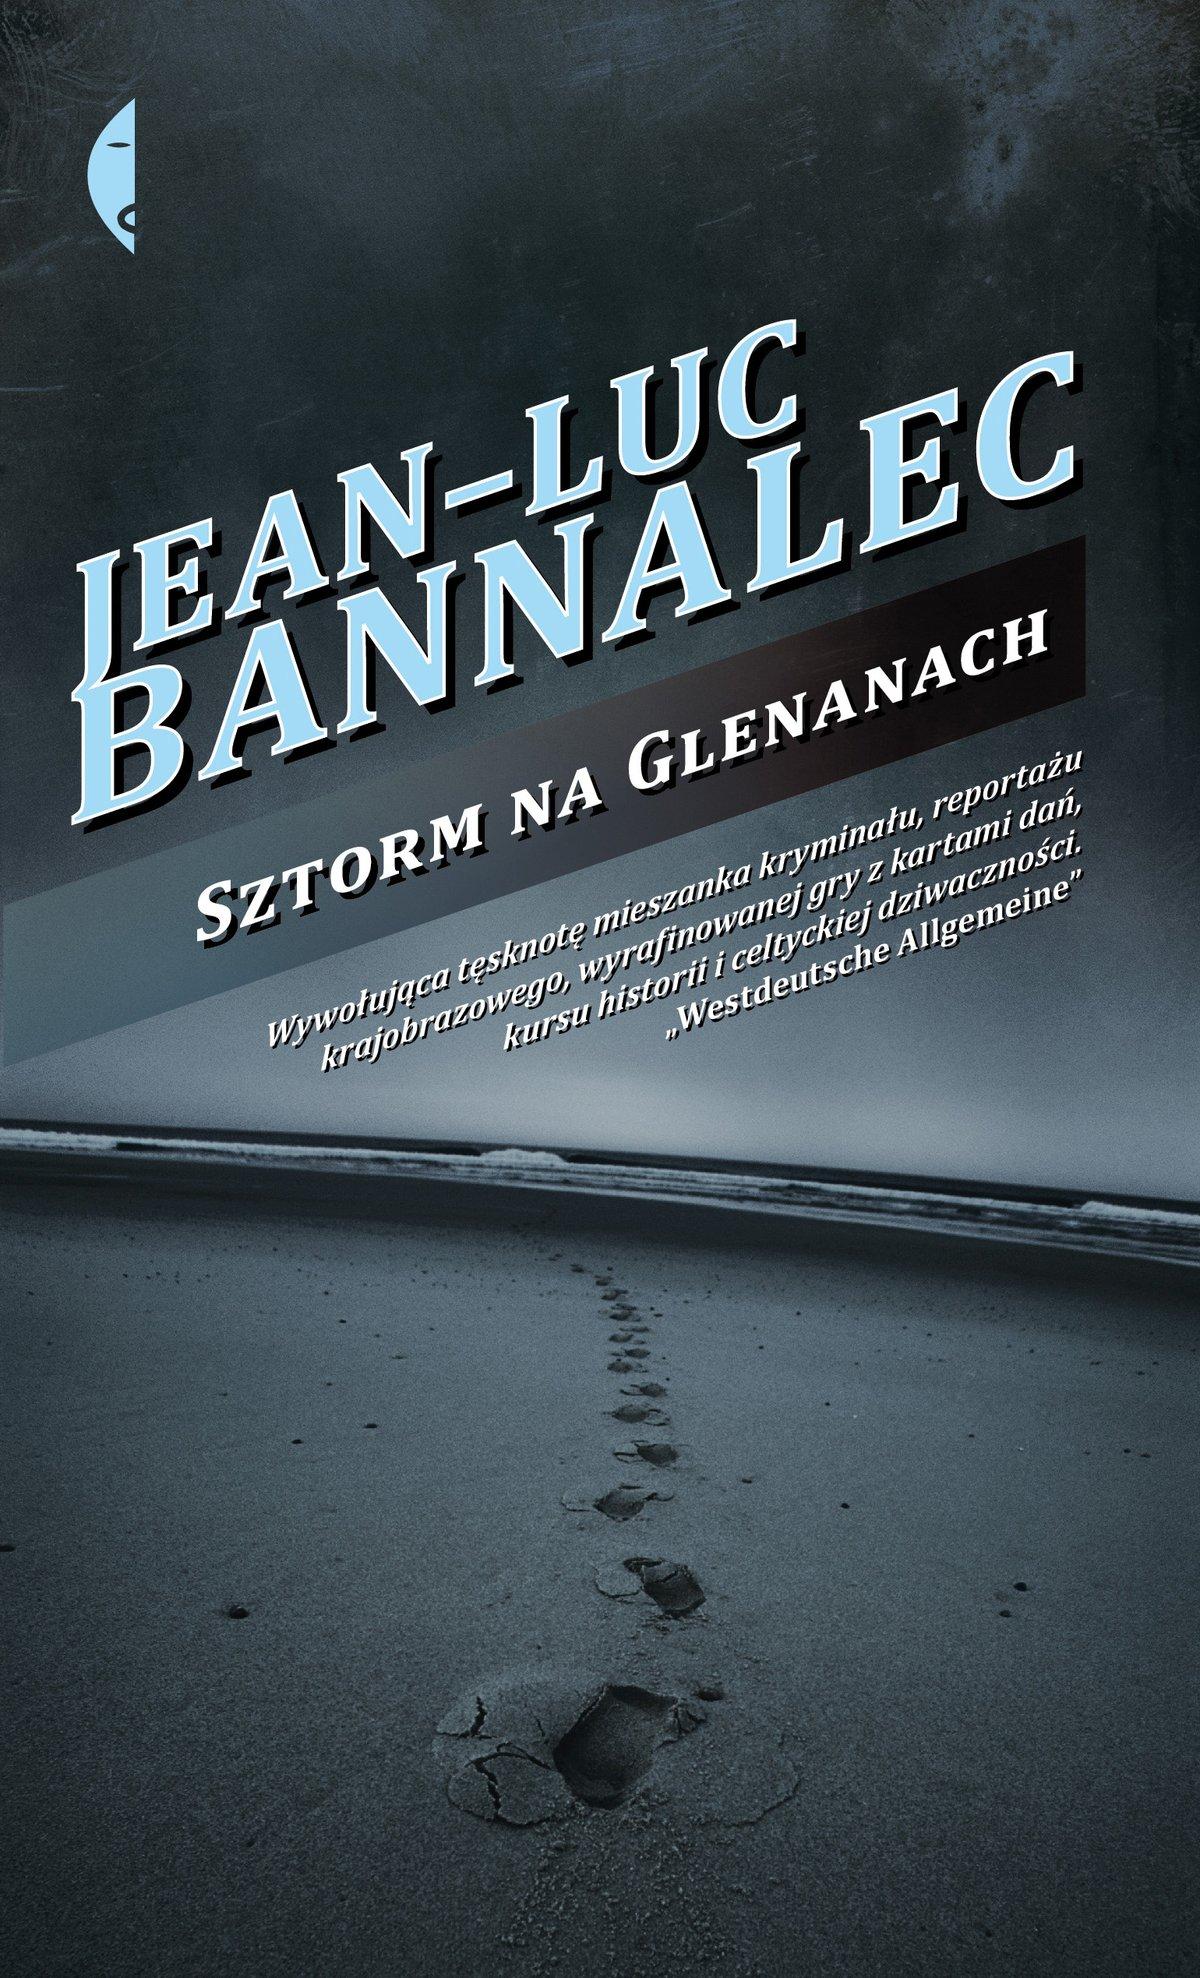 Sztorm na Glenanach - Ebook (Książka EPUB) do pobrania w formacie EPUB